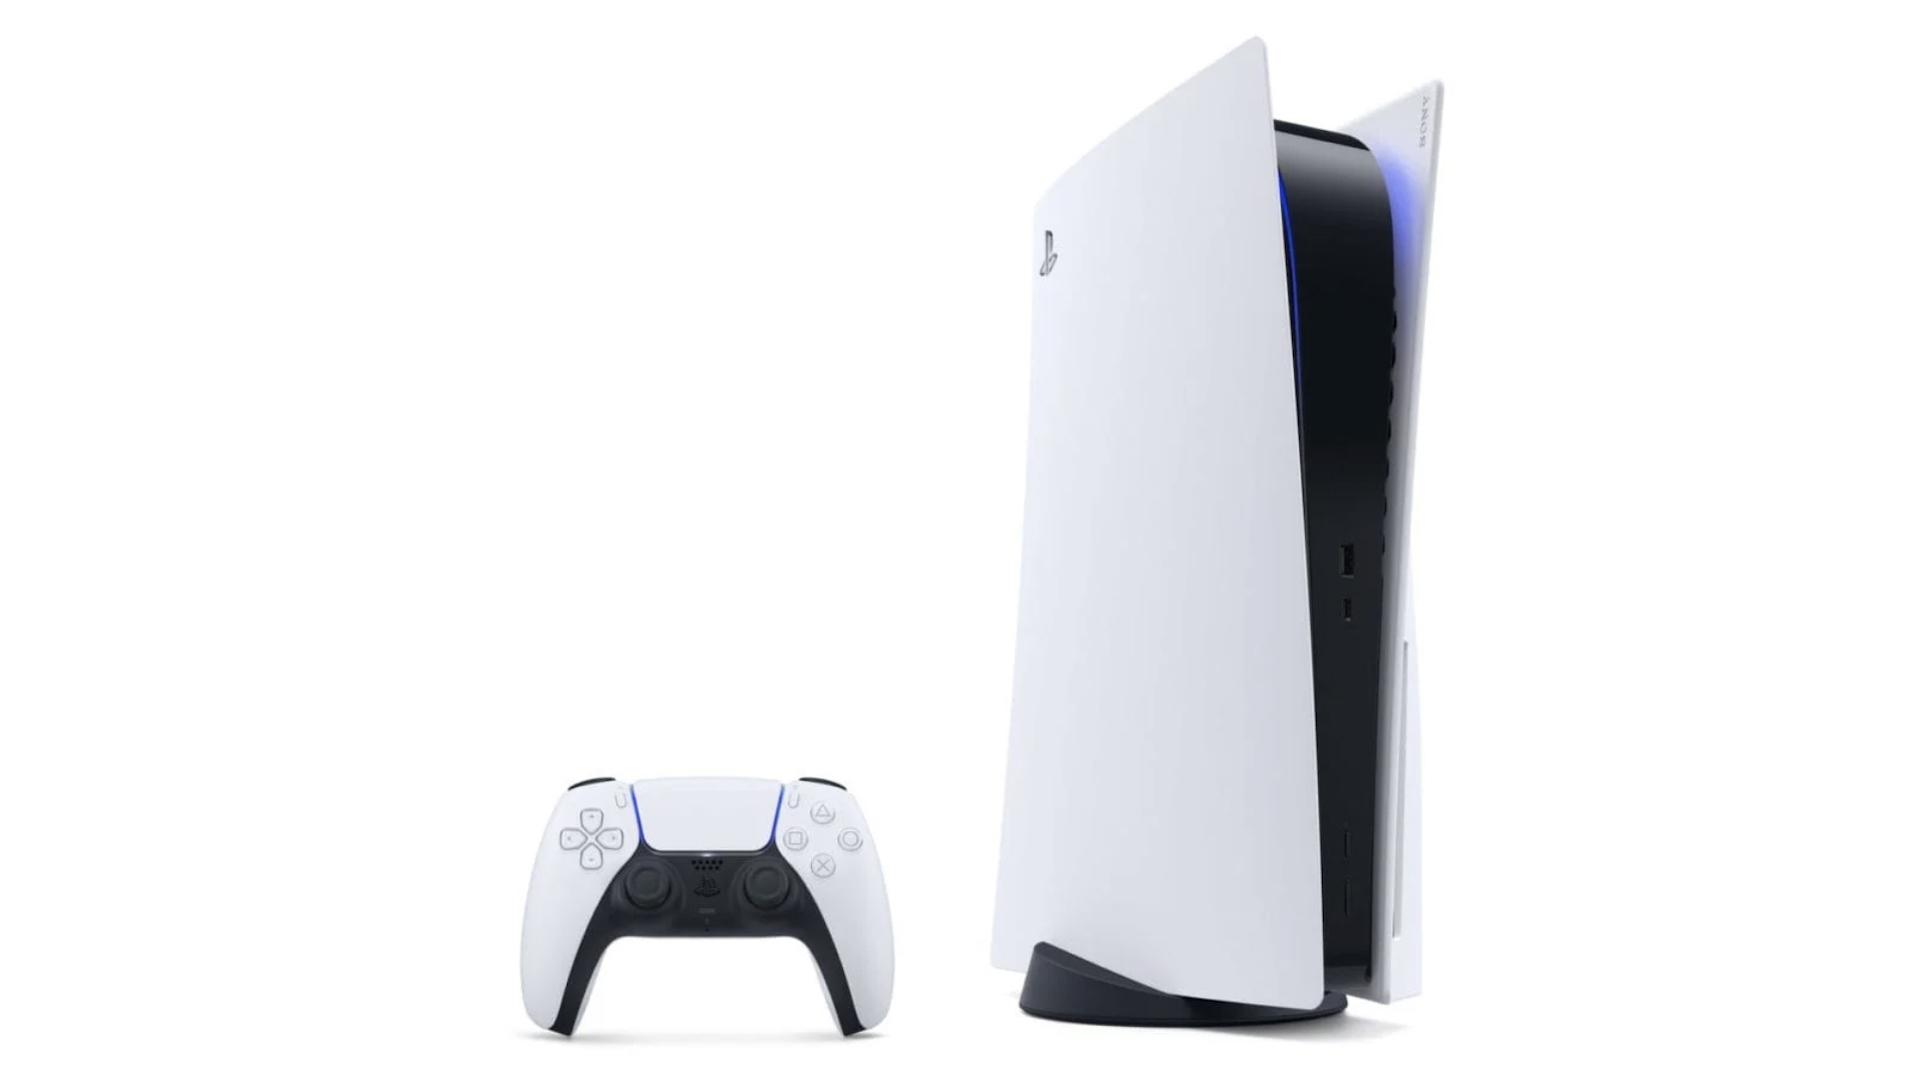 配件零售商暗示:PS5或于11月19日发售